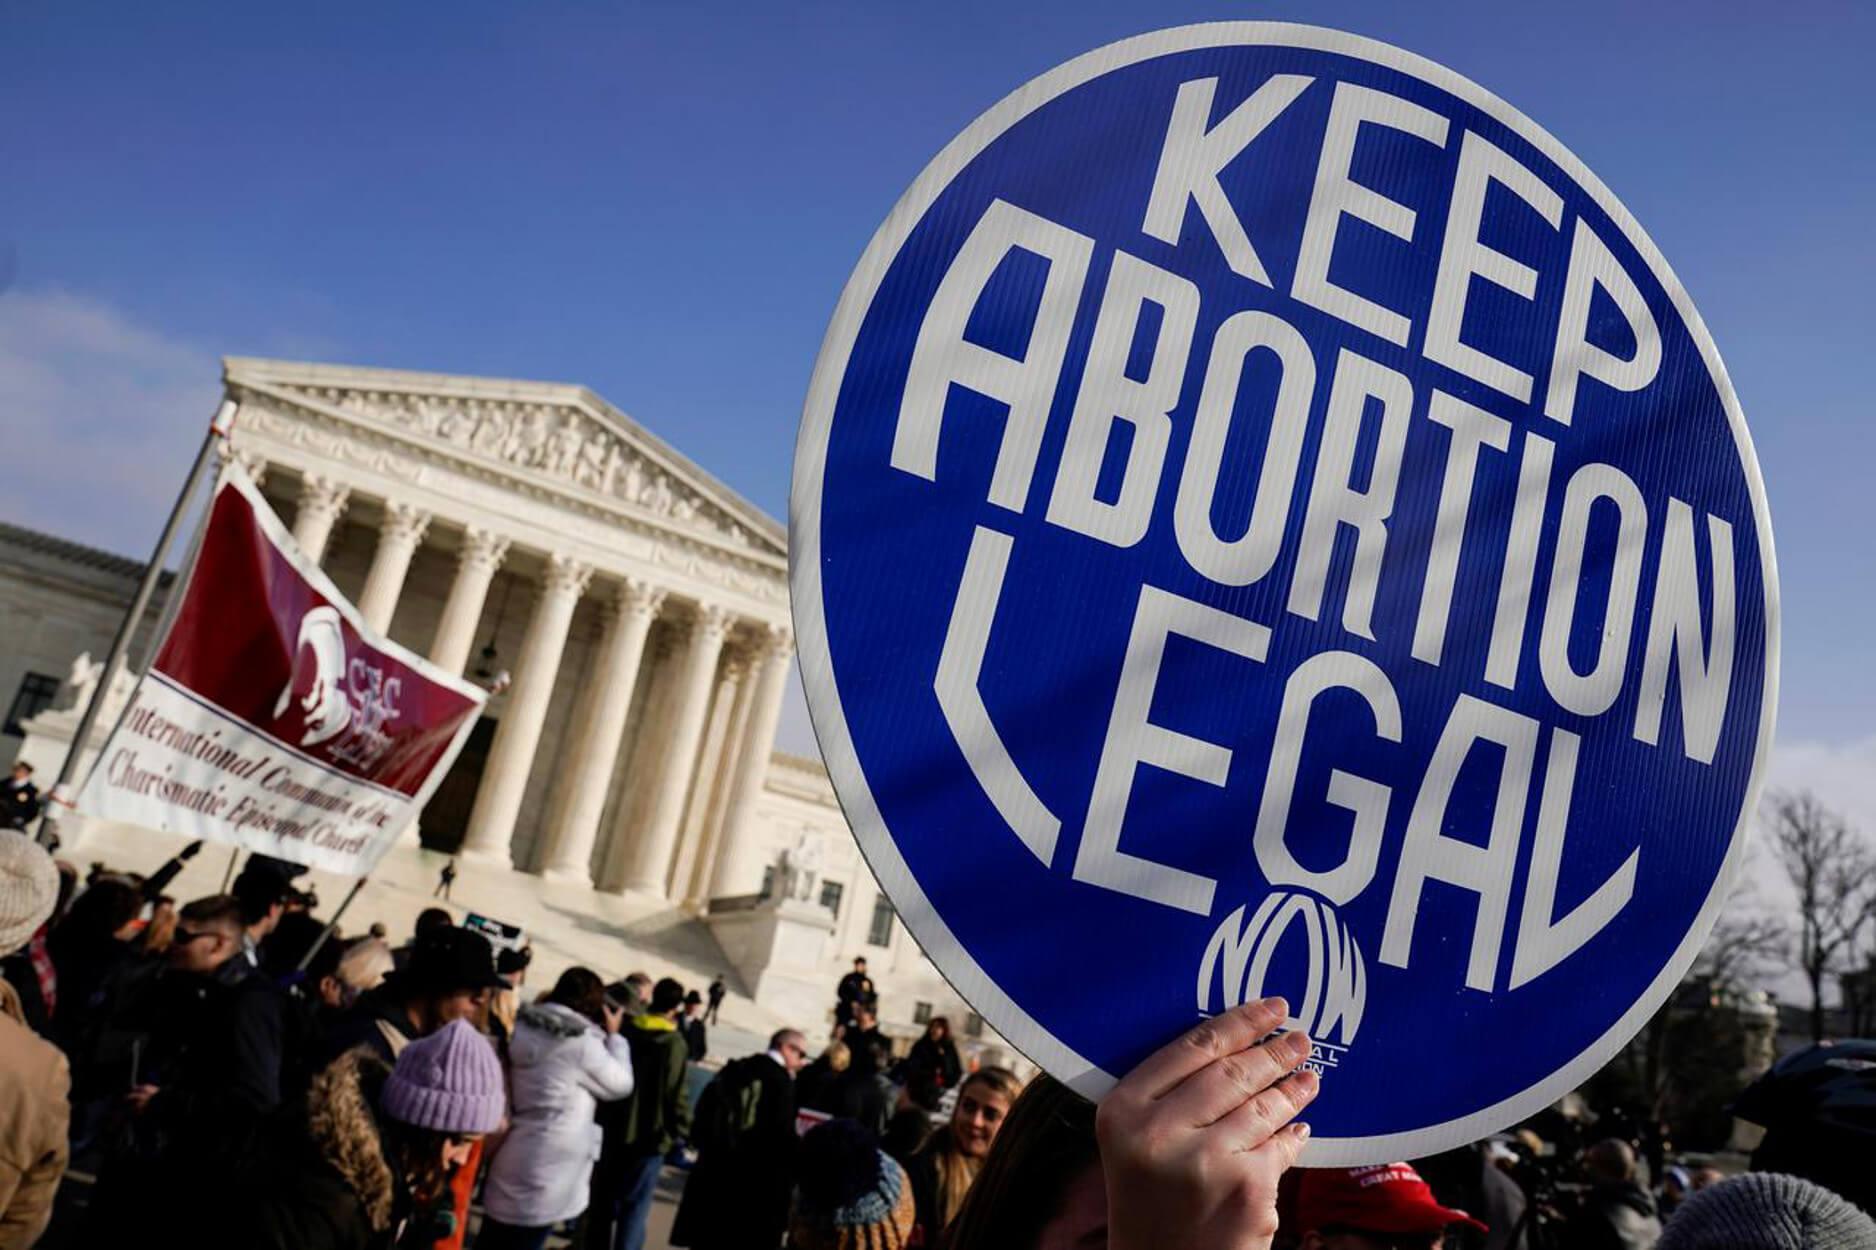 Αλαμπάμα: Αντιμέτωποι με πολυετή φυλάκιση γιατροί... που κάνουν εκτρώσεις! Καμία εξαίρεση για τις περιπτώσεις βιασμών